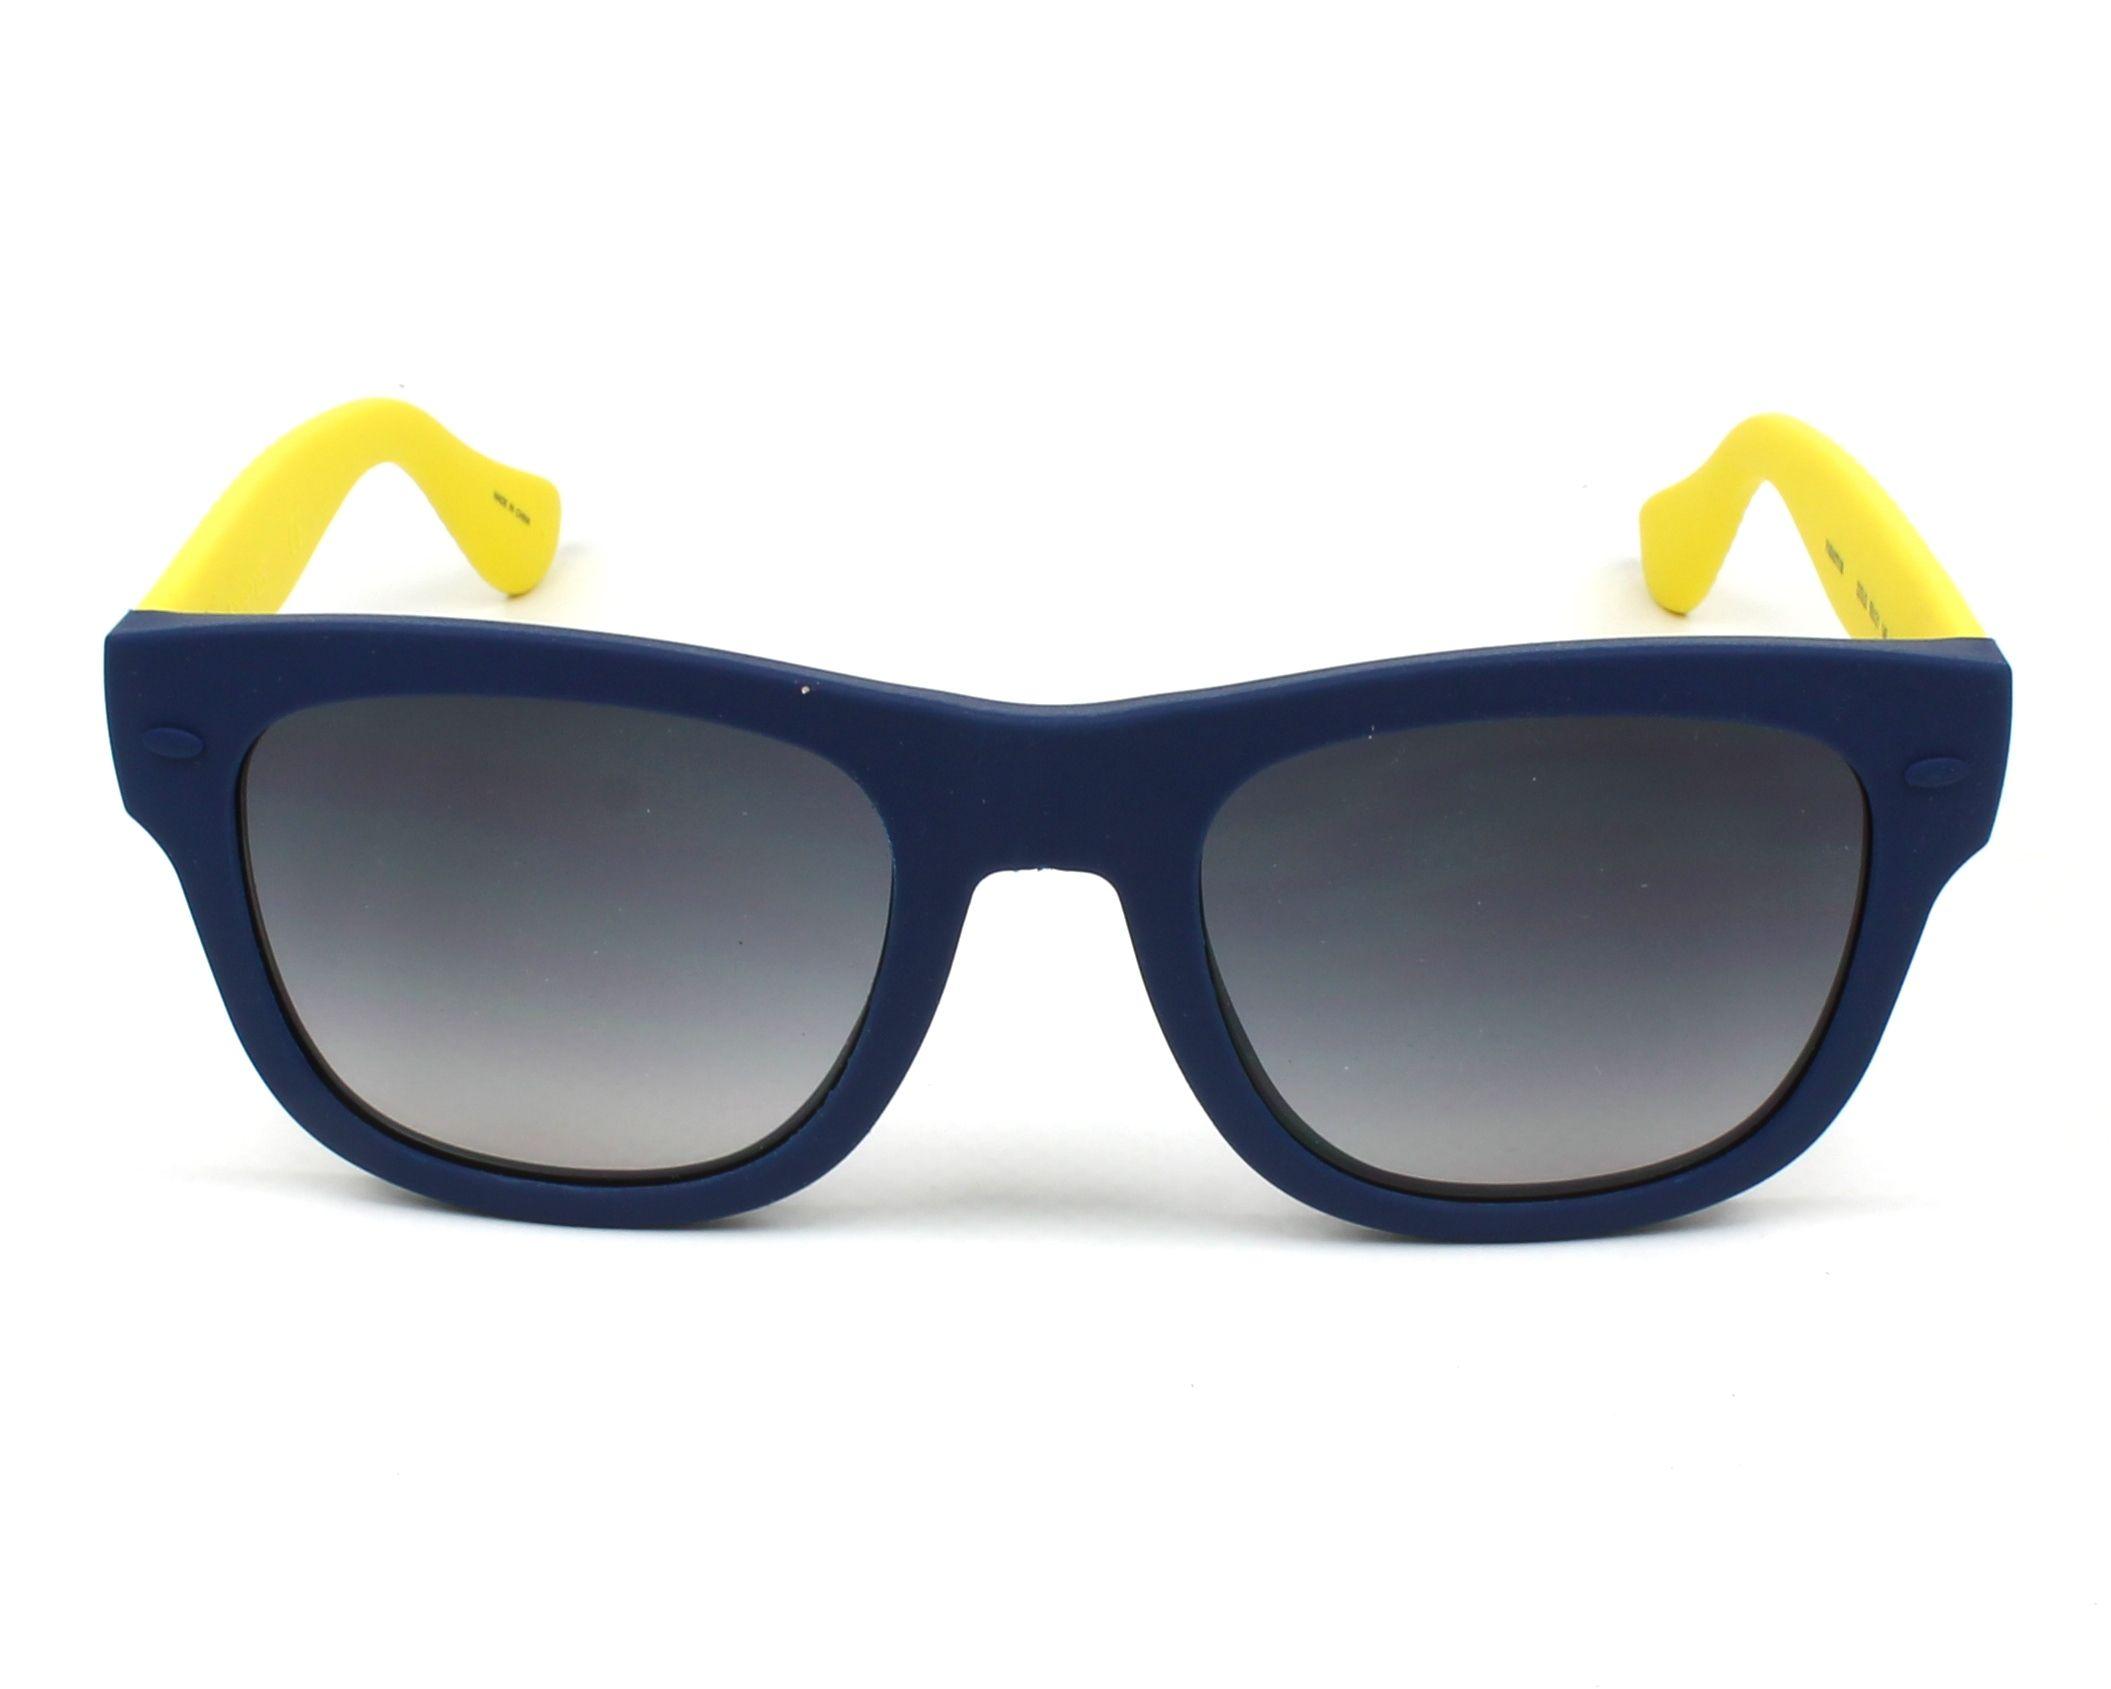 404ee7453e Gafas de sol Havaianas PARATY-M 220/LS - Azul Amarillo vista de frente